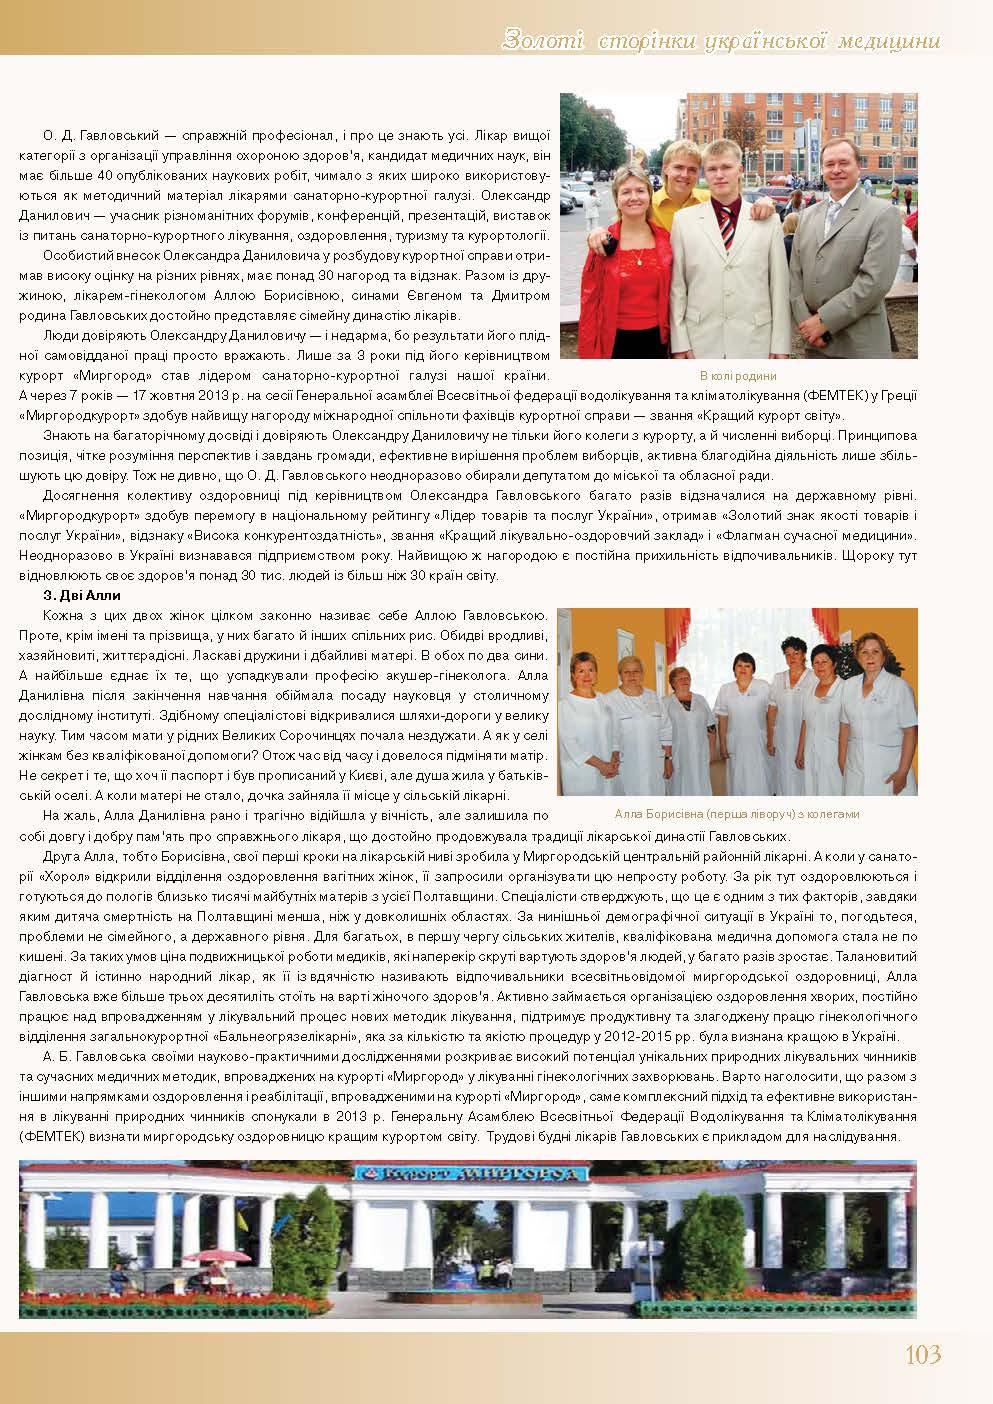 Медична династія Гавловських